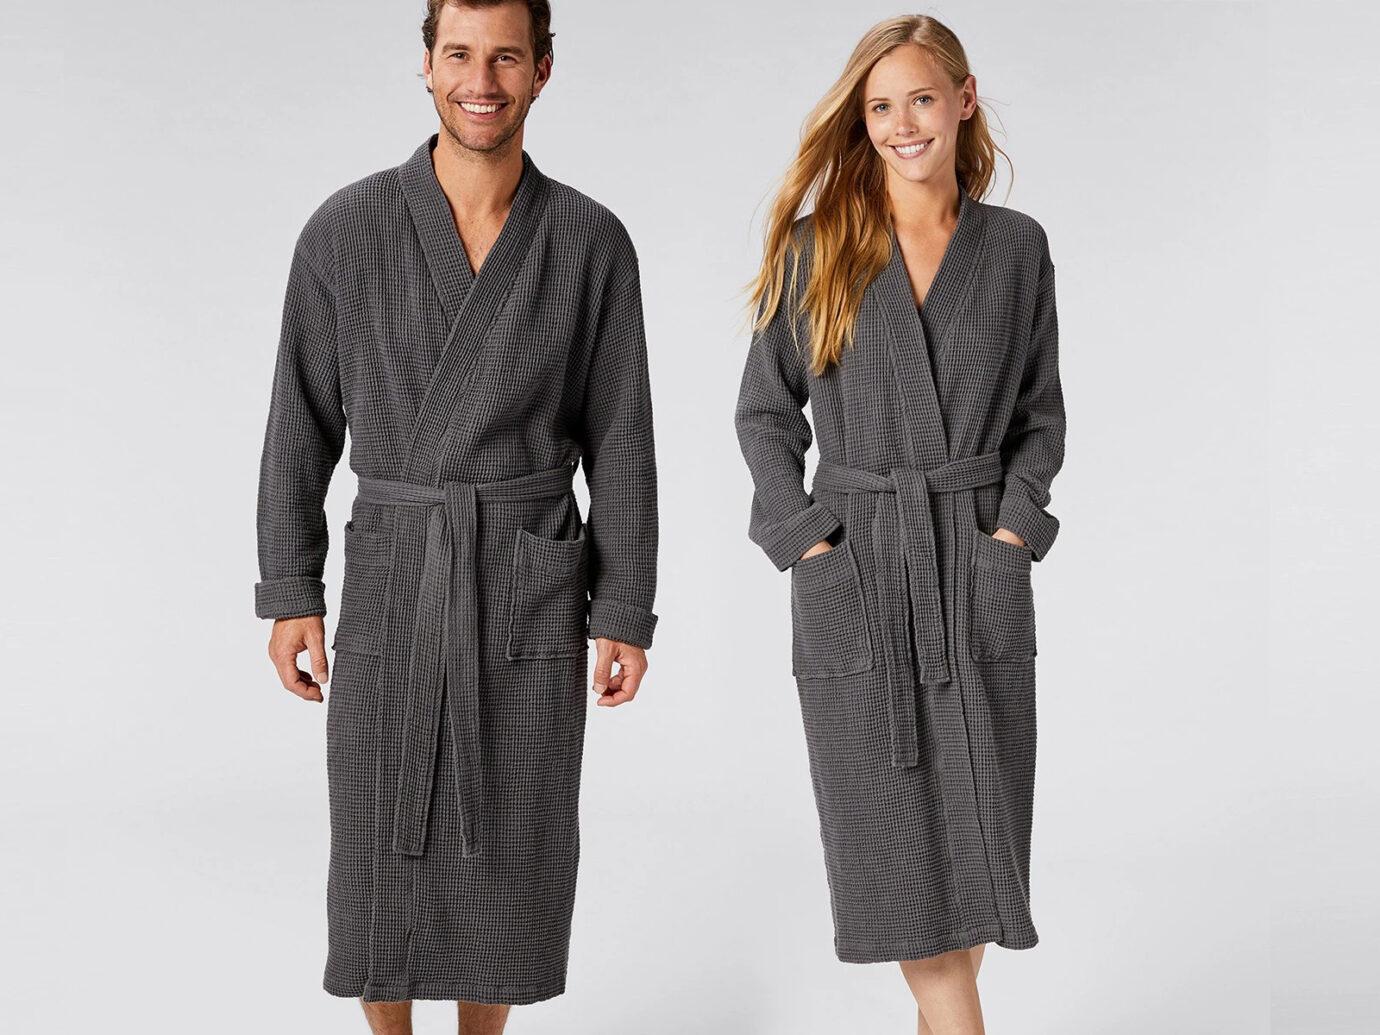 Robe: Coyuchi Unisex Organic Waffle Robe